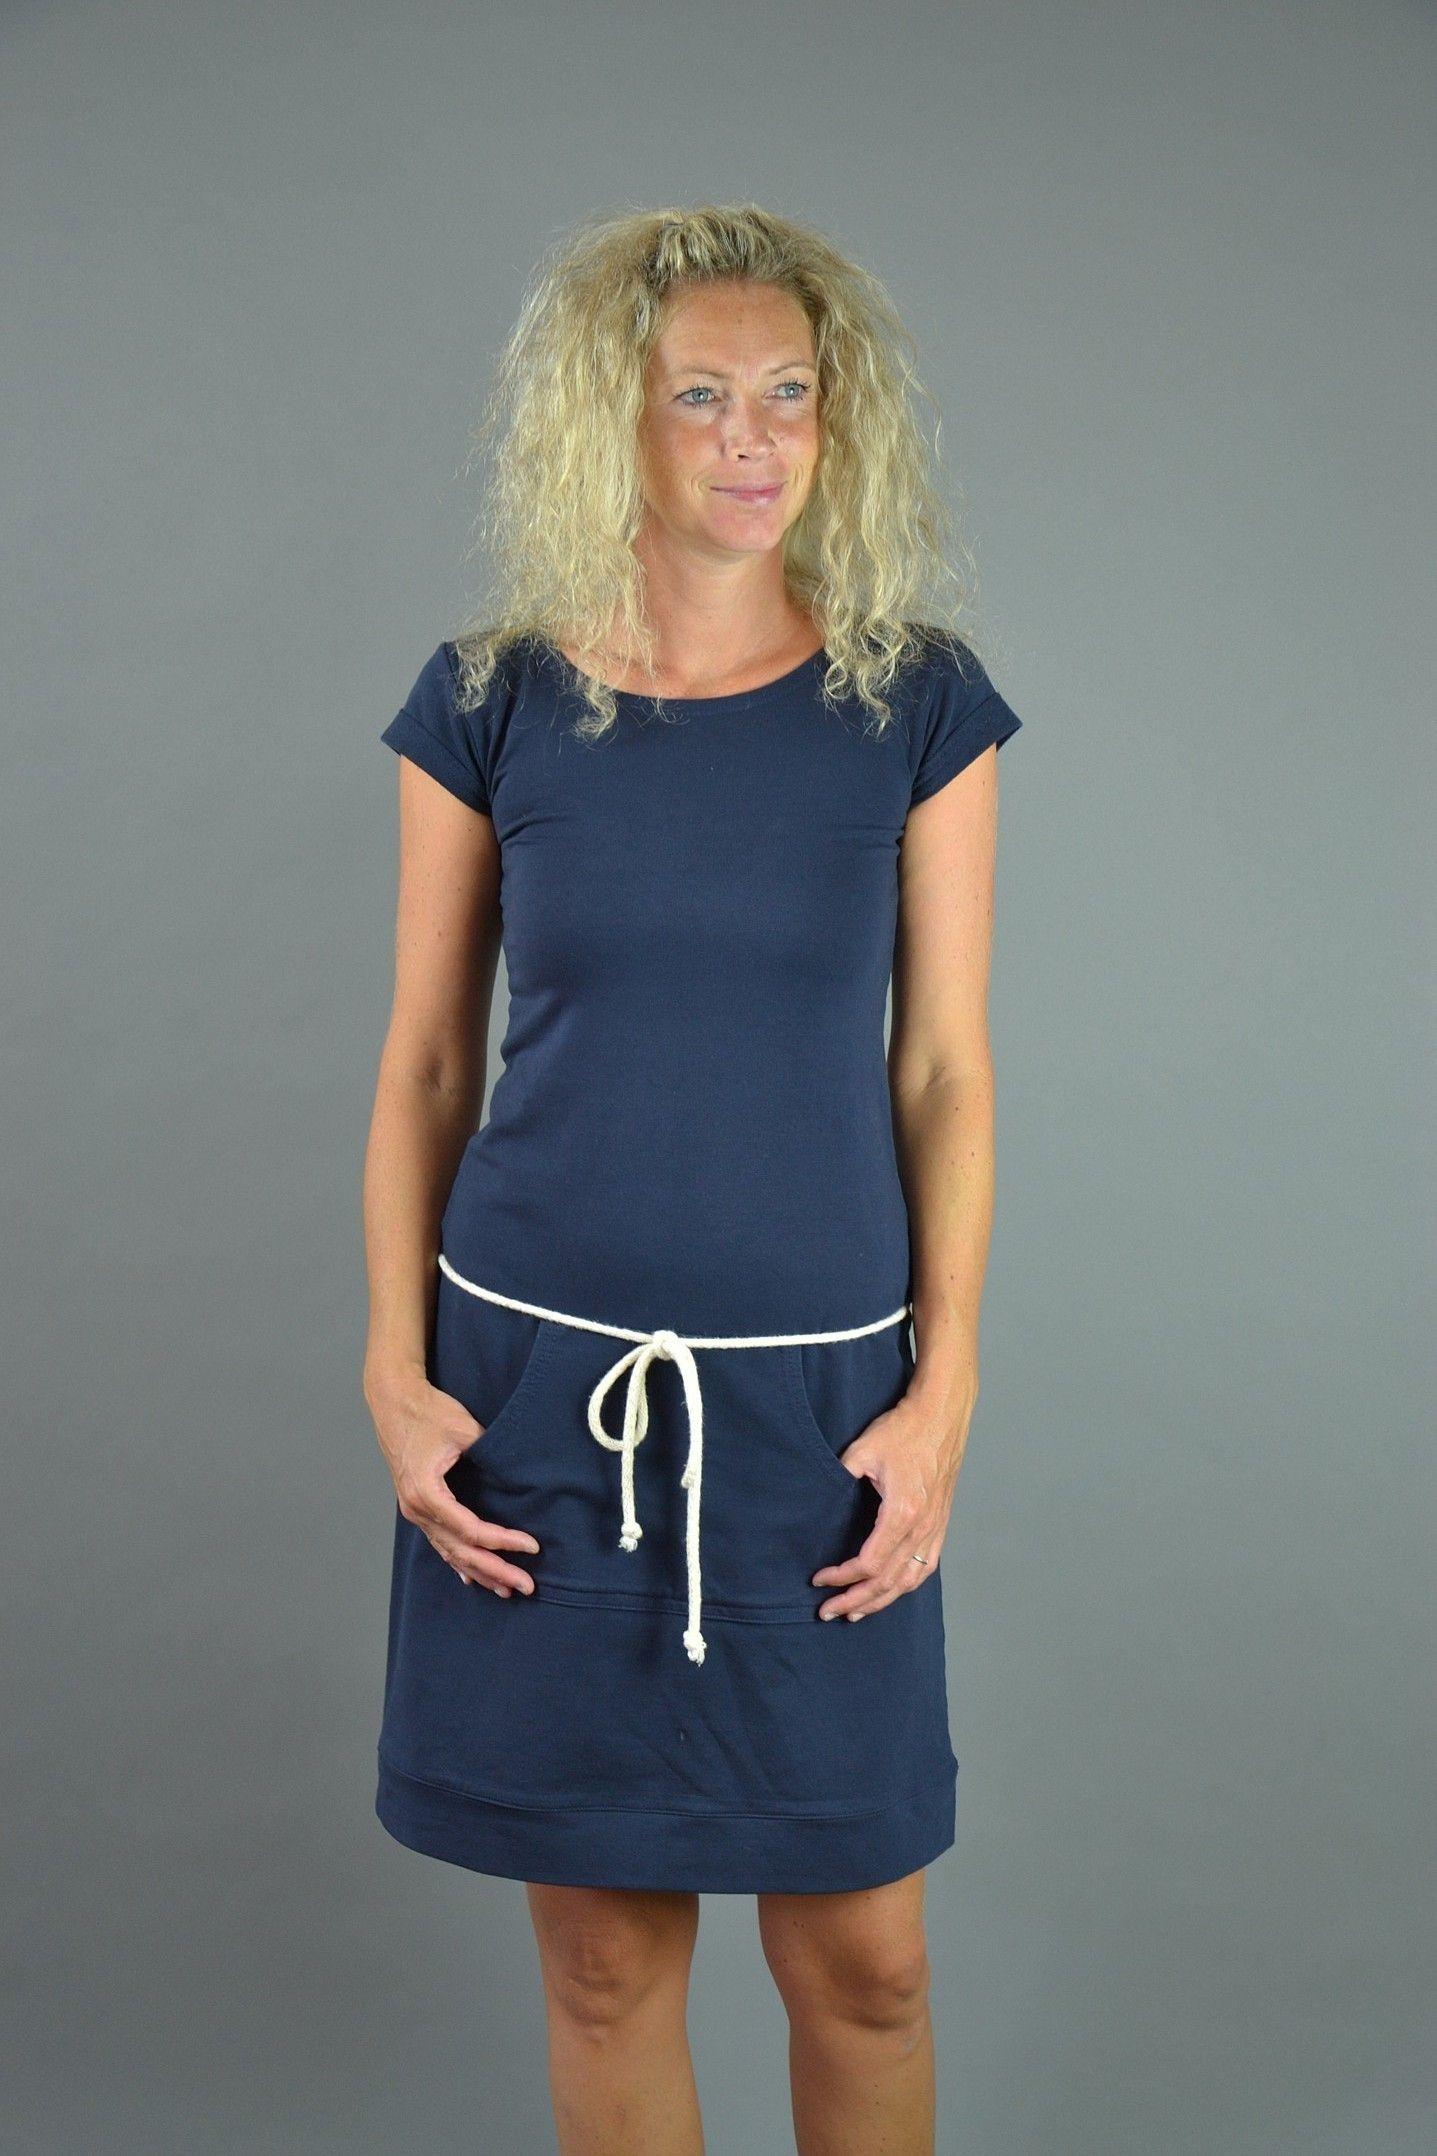 Modré+šaty+Modré+šaty+se+šňůrou+a+s+klokankou.+Materiál+elastická+ ... 15fe1c3f9d